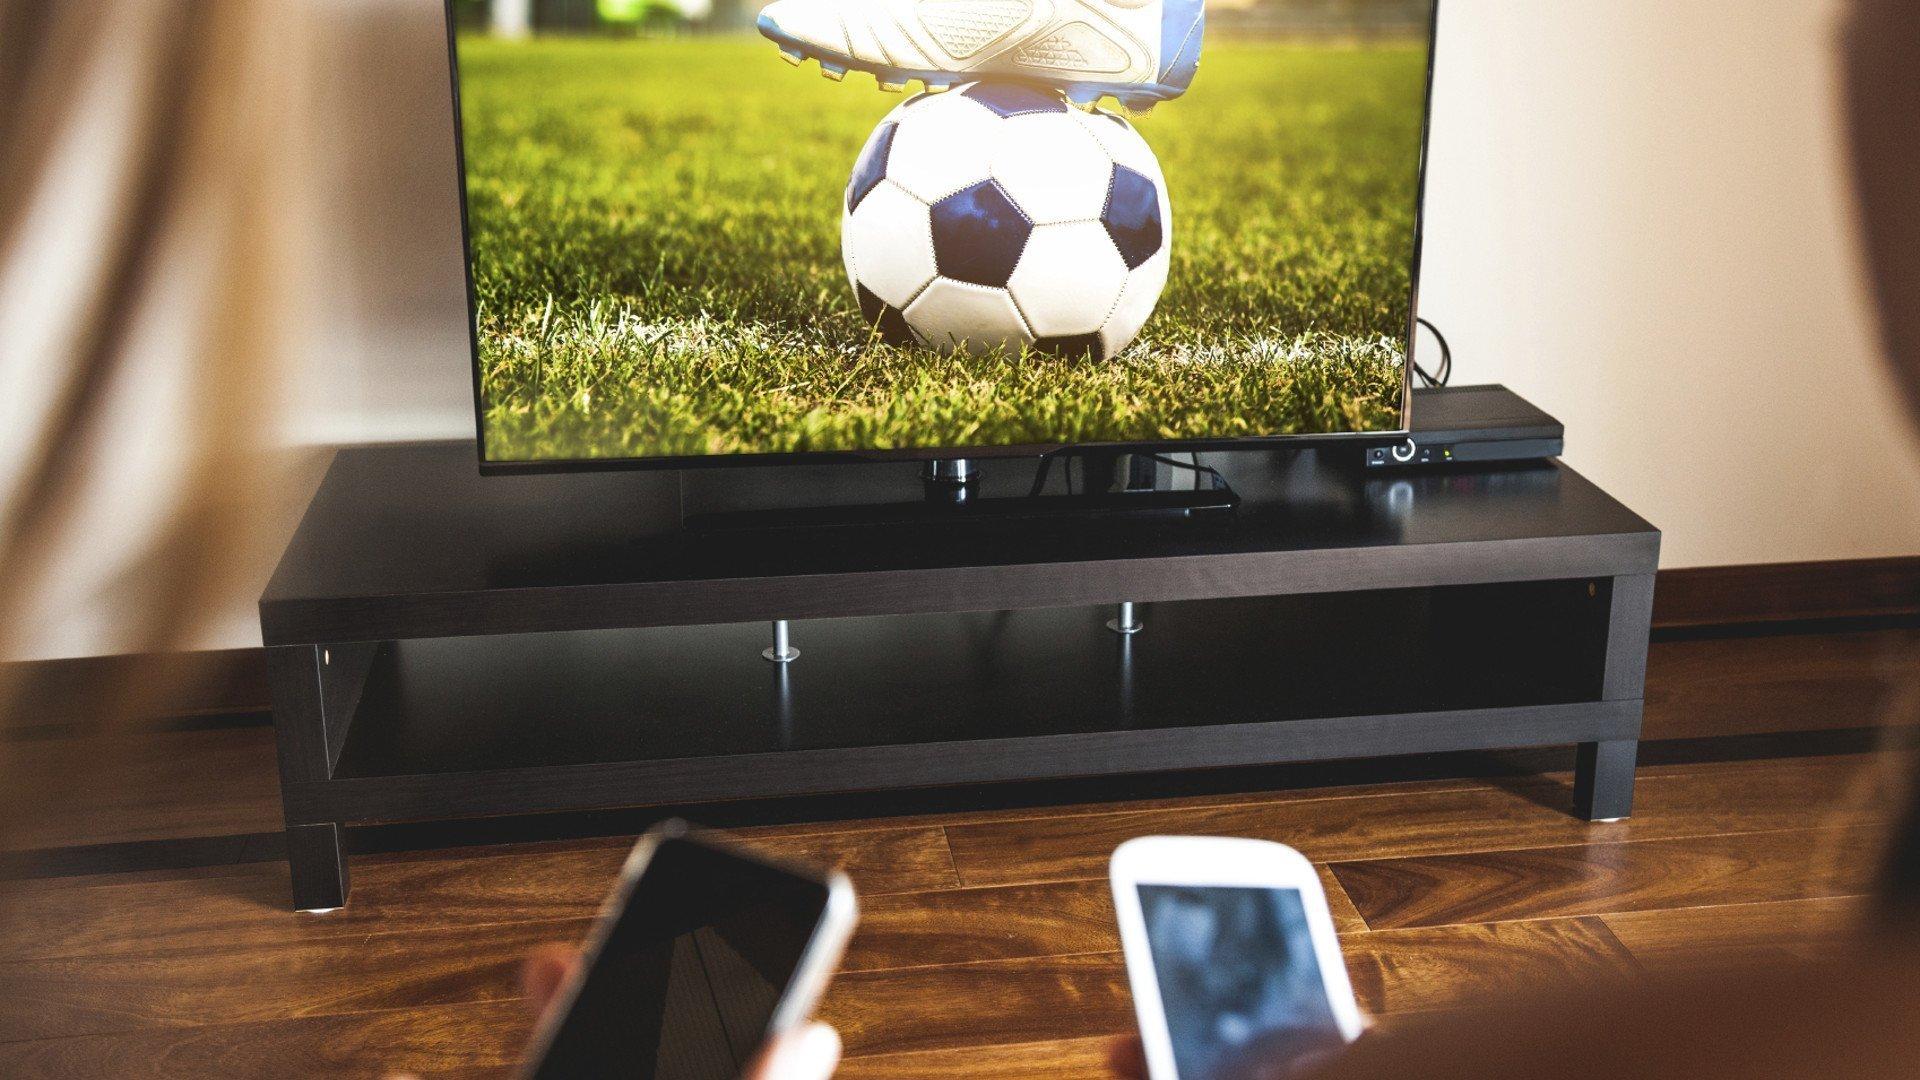 SPOT Effectiviteit TV-reclame bij gebruikers 2nd screen